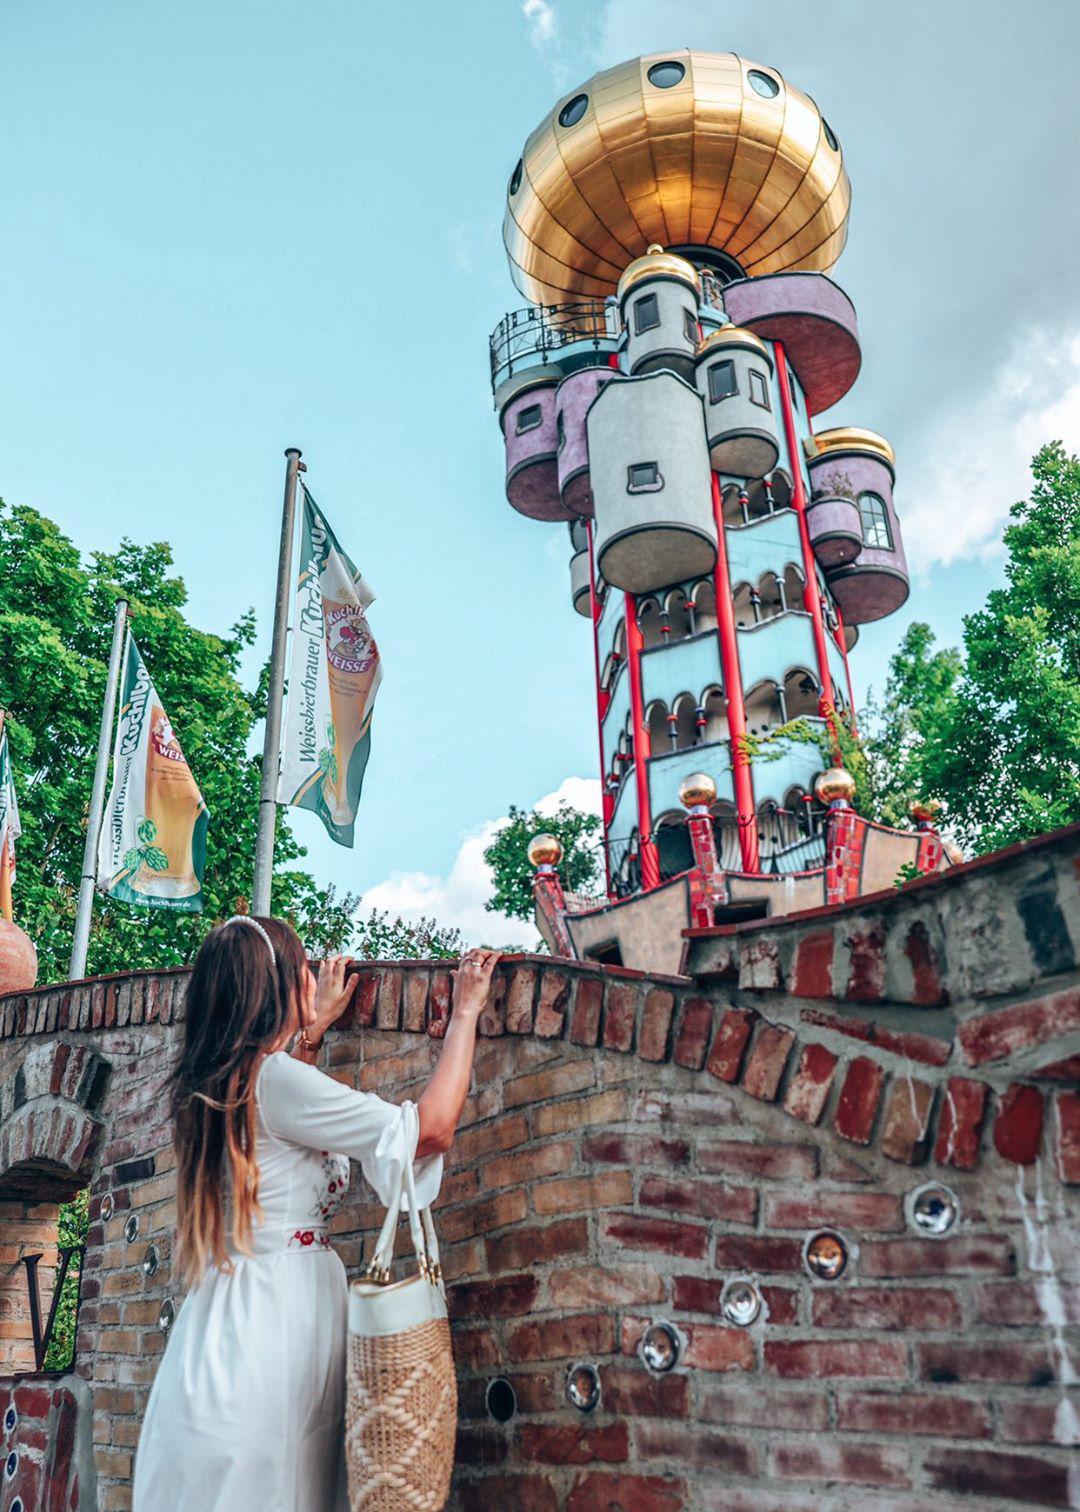 Hundertwasser Turm Abensberg